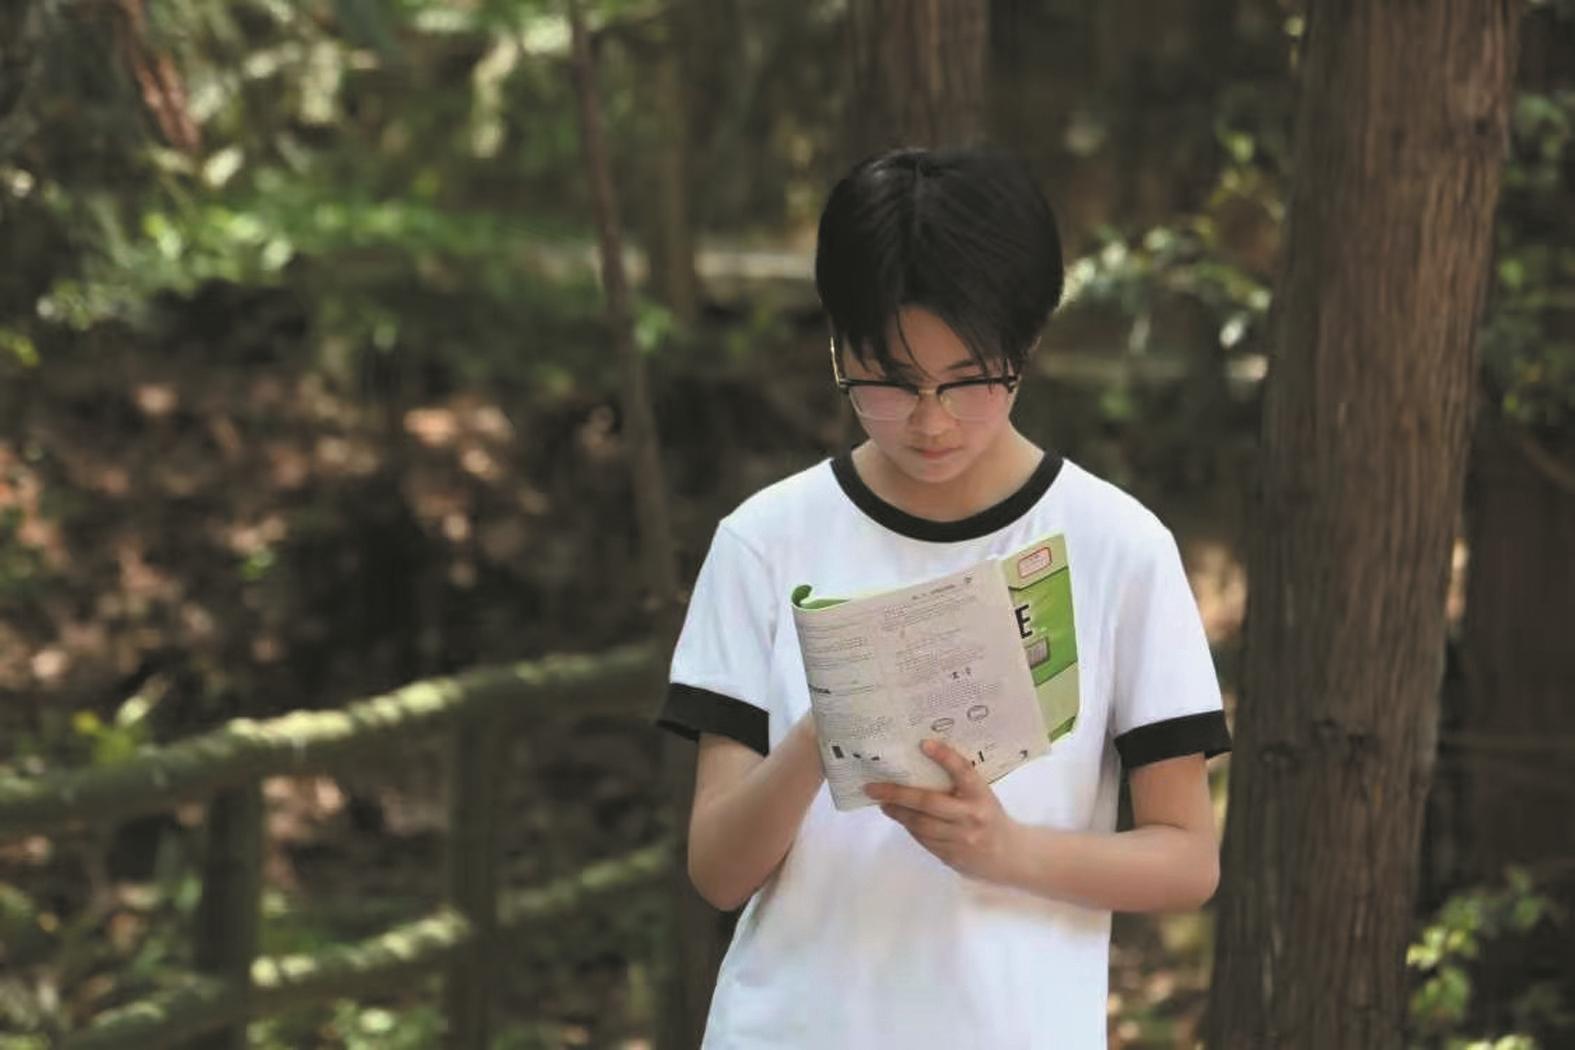 http://www.weixinrensheng.com/jiaoyu/2626843.html